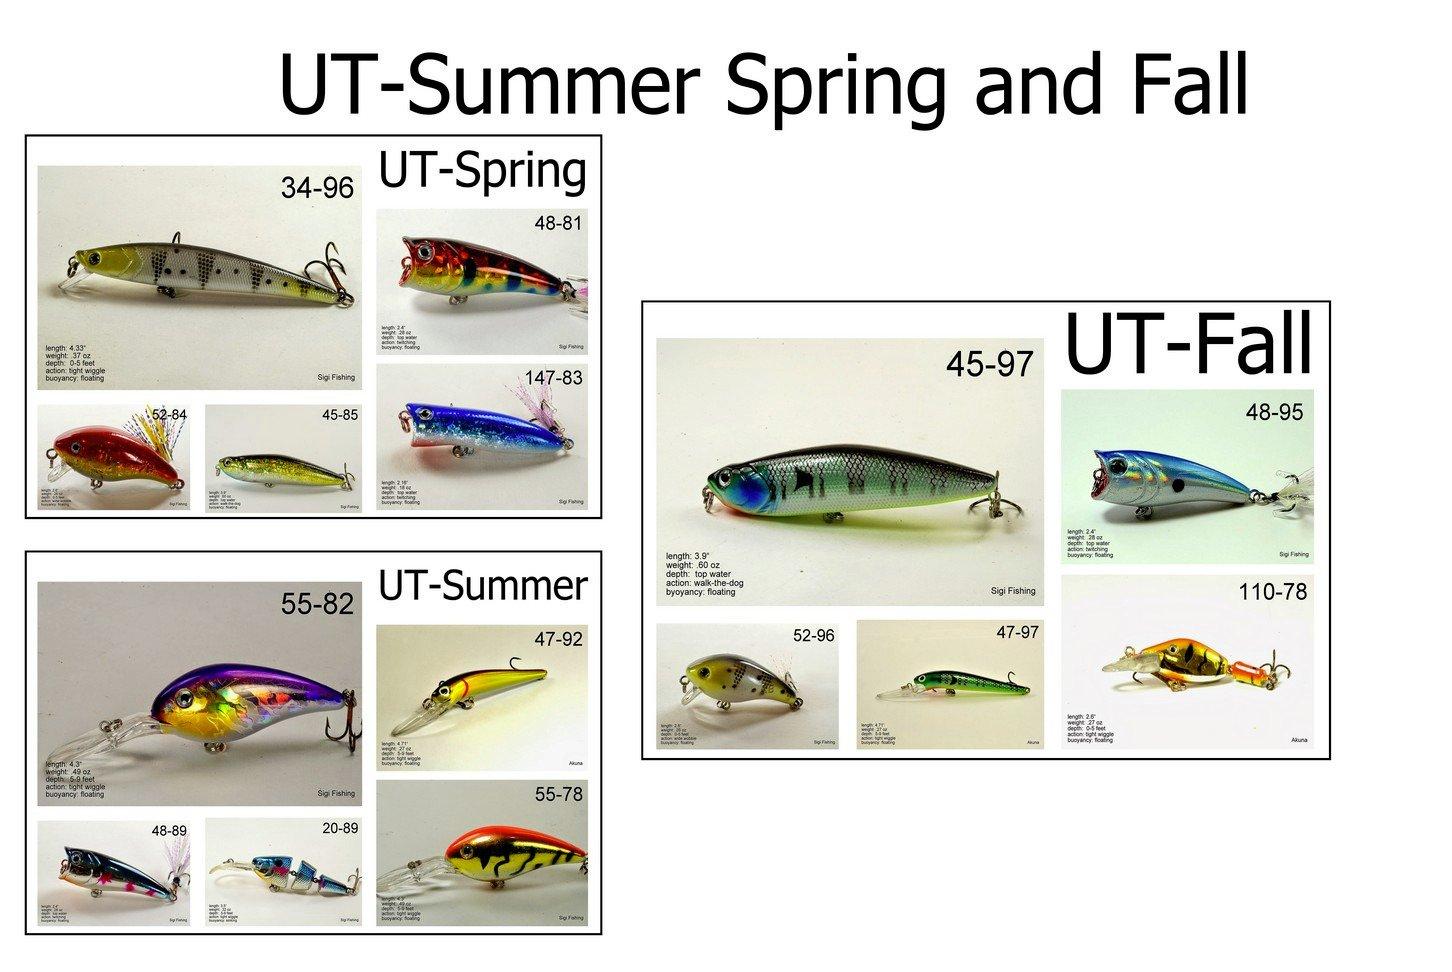 最安価格 Akuna 季節ごとのルアー アメリカの50州それぞれのバス釣り用 B00KXHVMAM ユタ(Utah) Spring/Summer/Fall - Spring/Summer/Fall Akuna 15 pack|ユタ(Utah) ユタ(Utah) Spring/Summer/Fall - 15 pack, RIZING:286faed2 --- arianechie.dominiotemporario.com